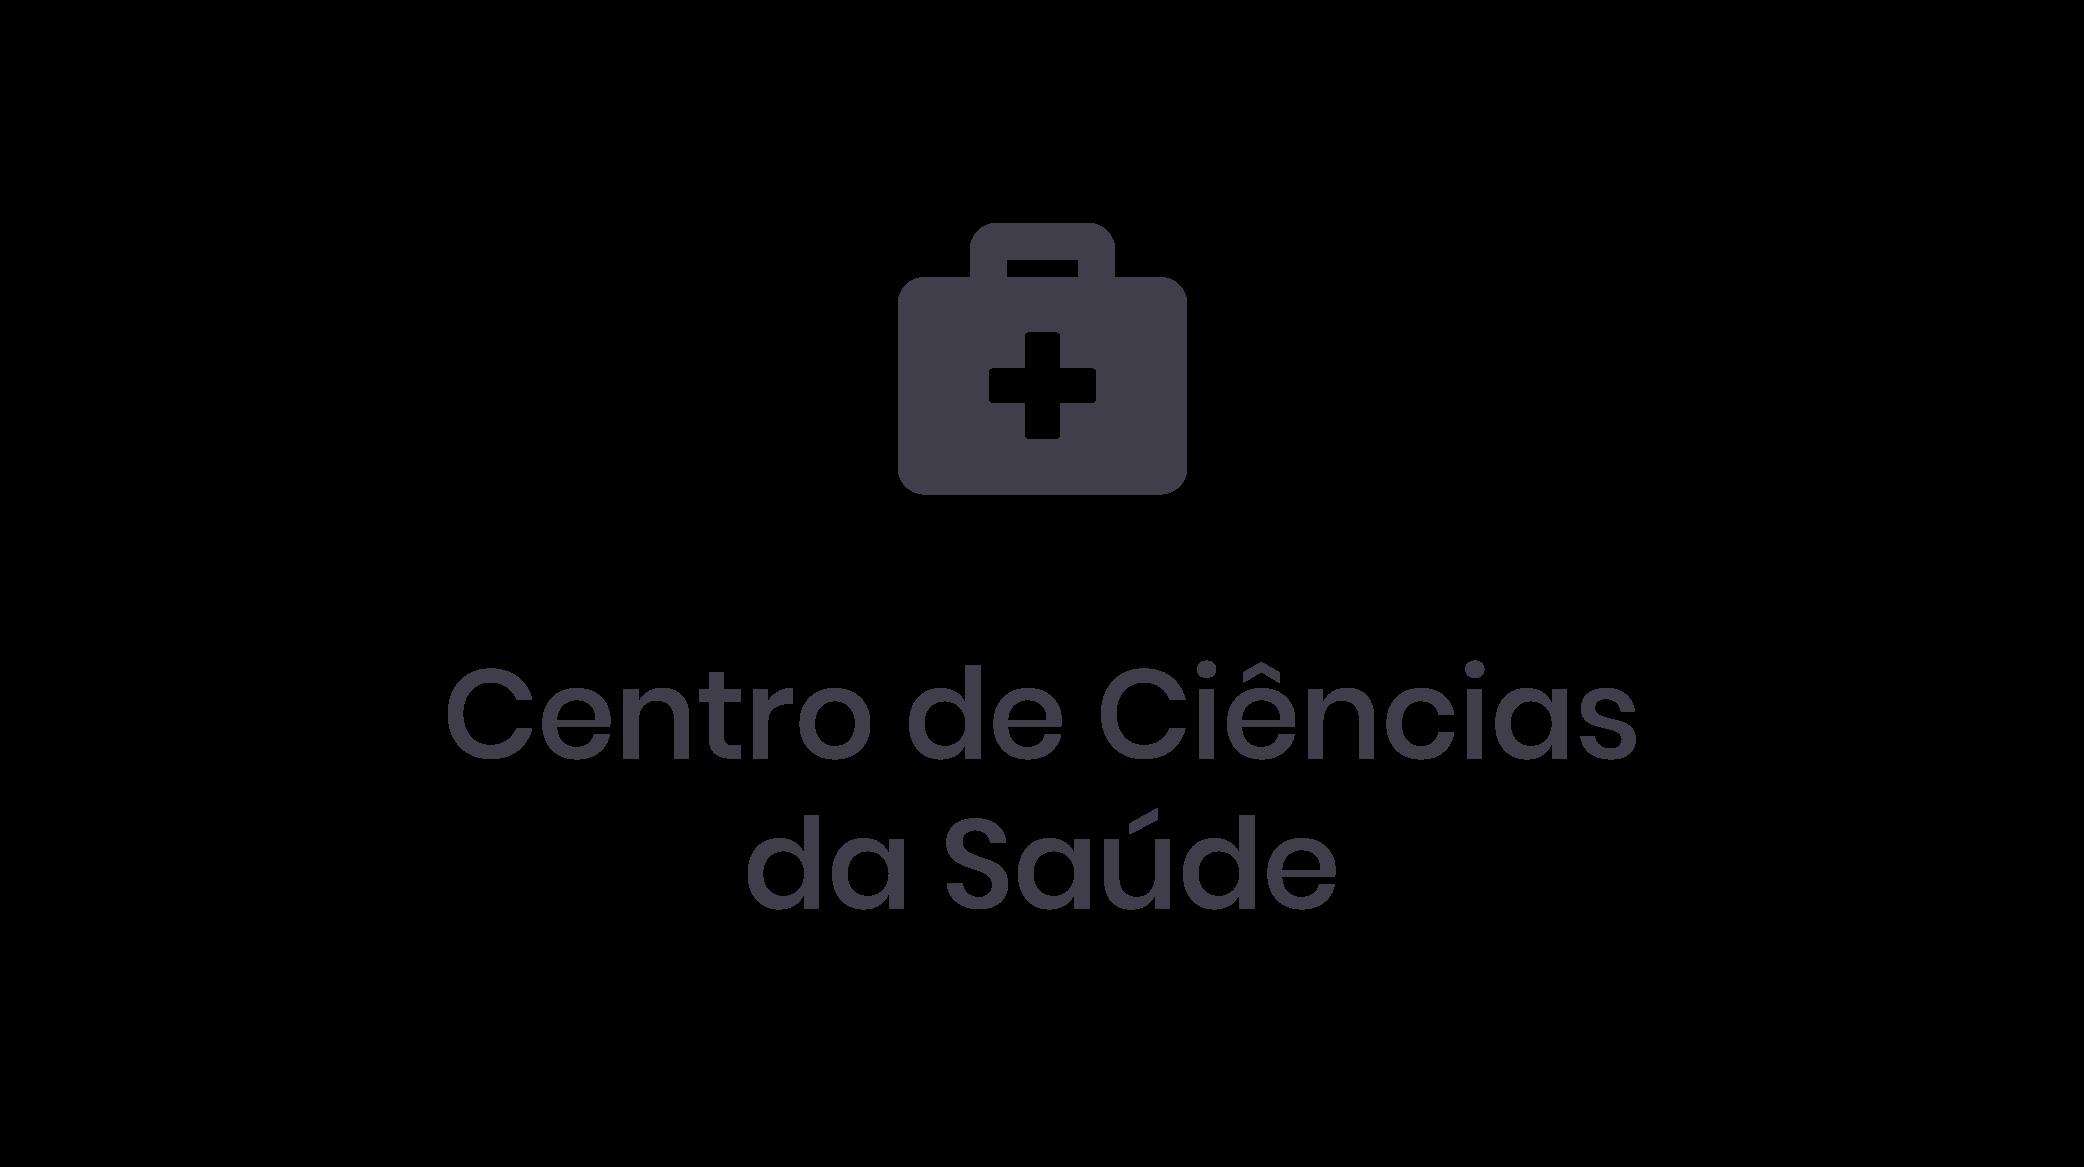 Centro de Ciências da Saúde